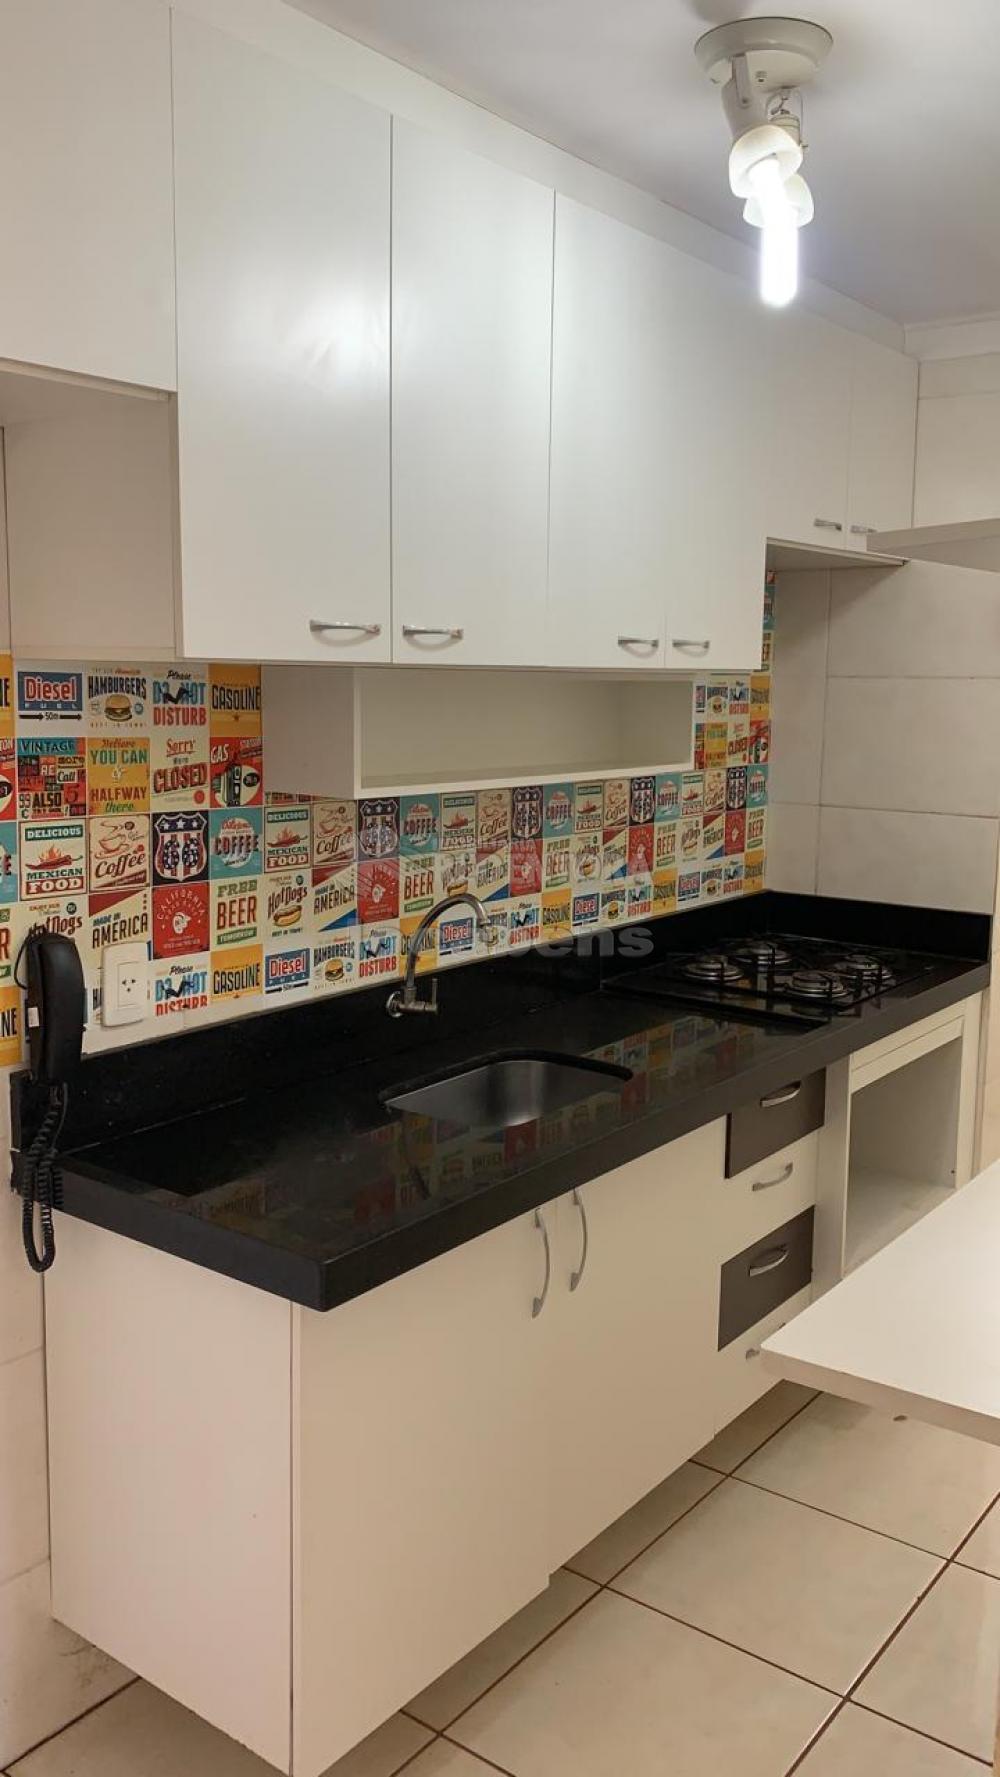 Comprar Apartamento / Padrão em São José do Rio Preto R$ 160.000,00 - Foto 18